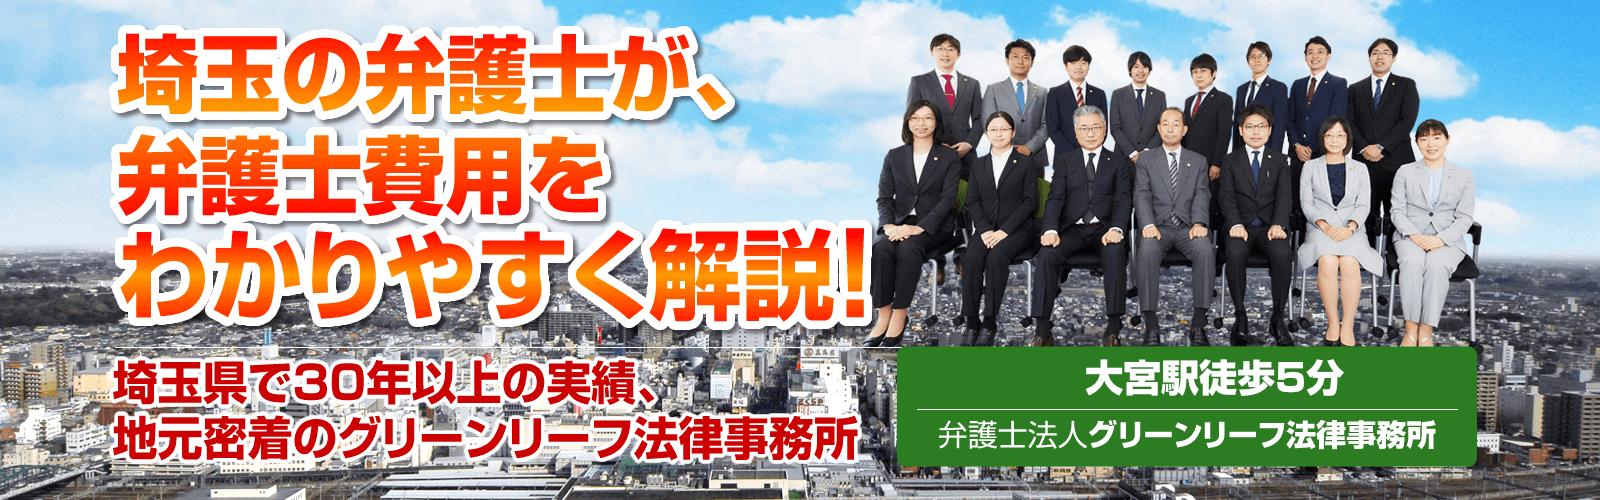 埼玉の弁護士による弁護士費用解説